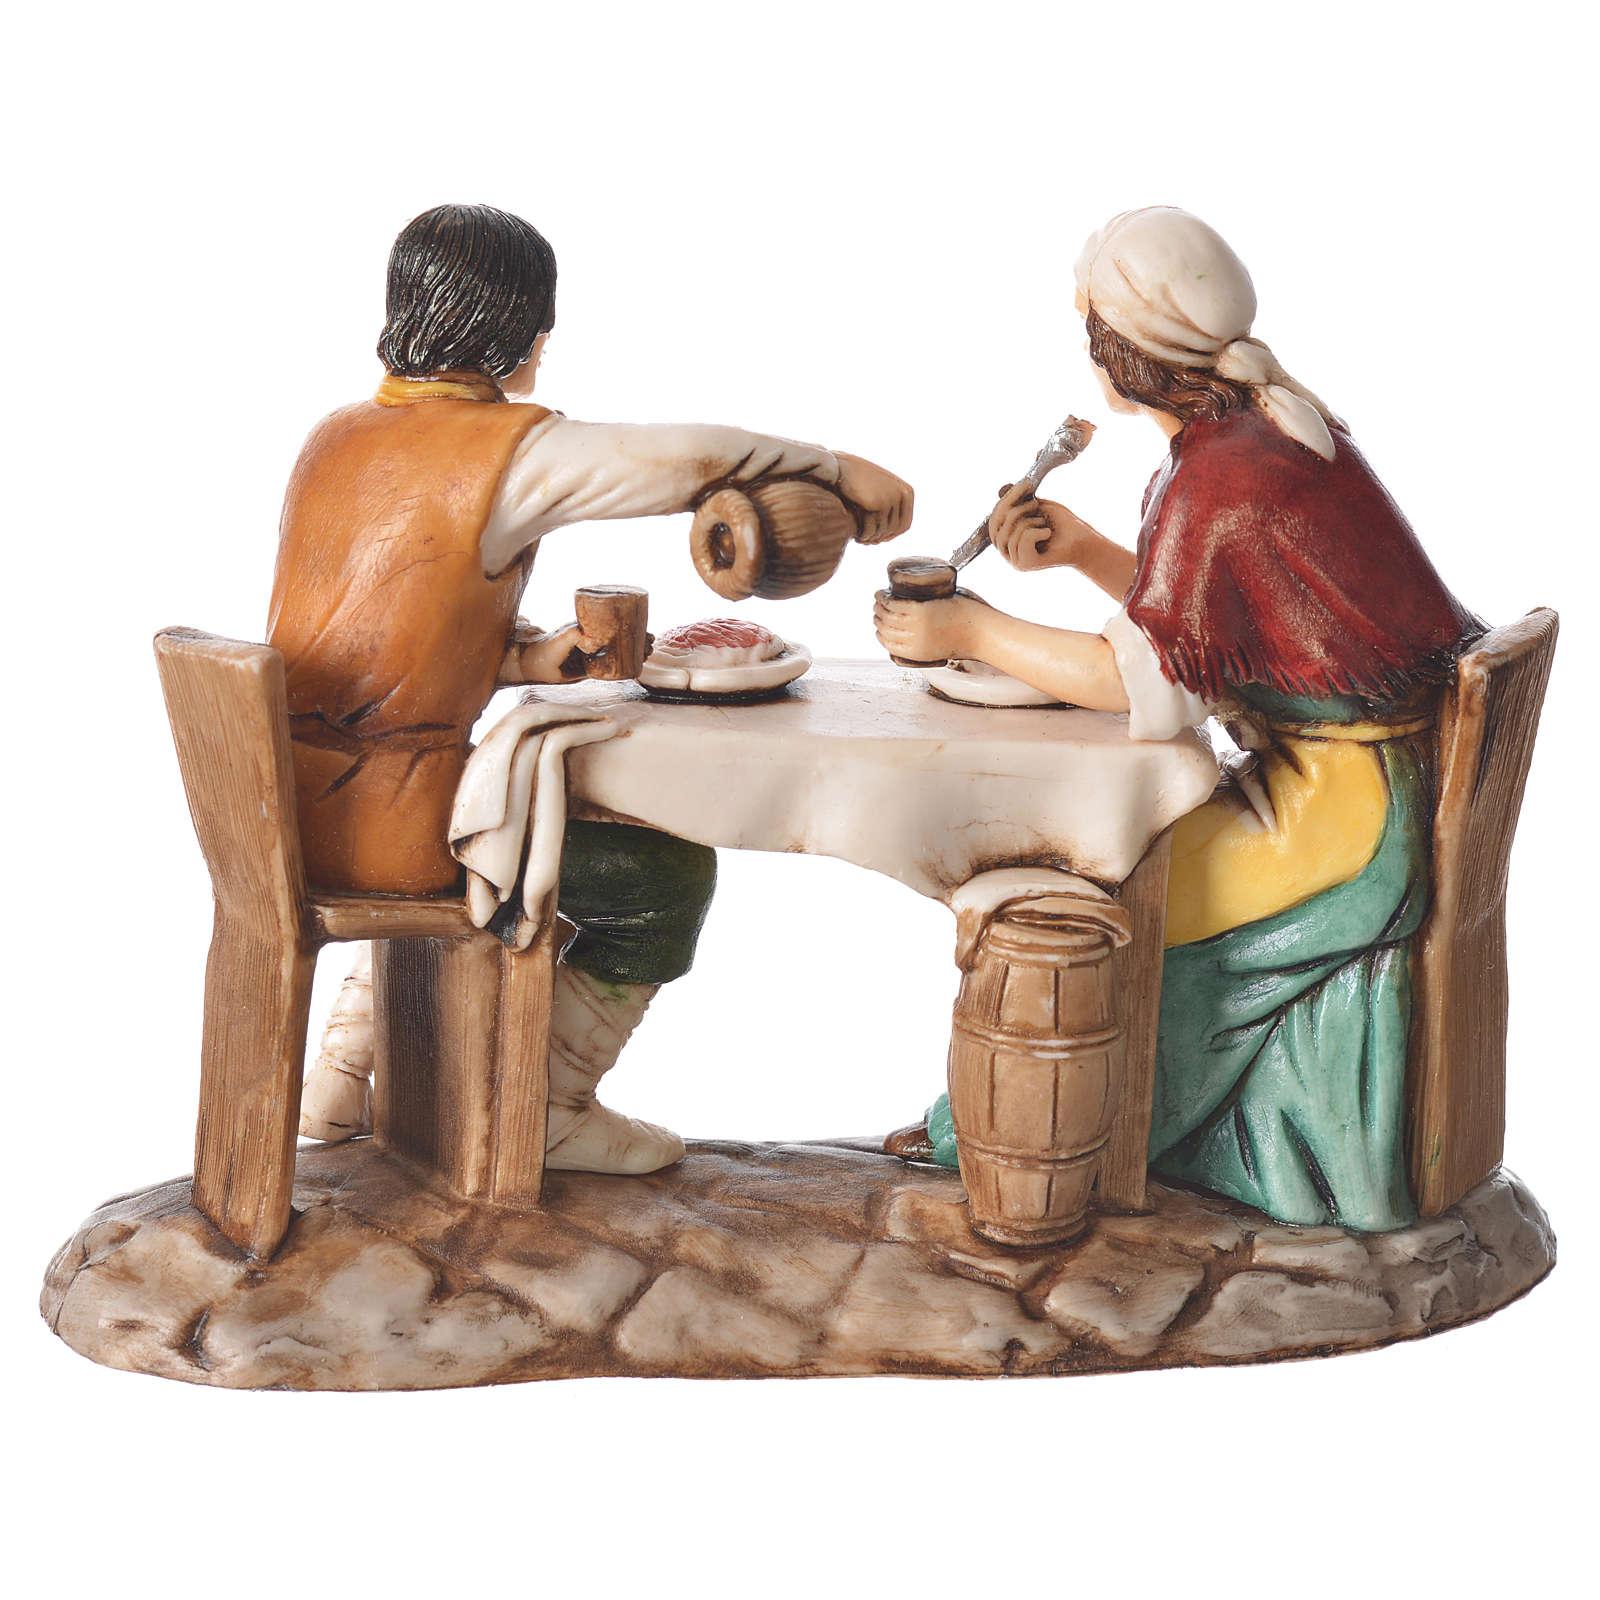 Grupo homem e mulher na mesa presépio Moranduzzo com figuras de  altura média 10 cm 4